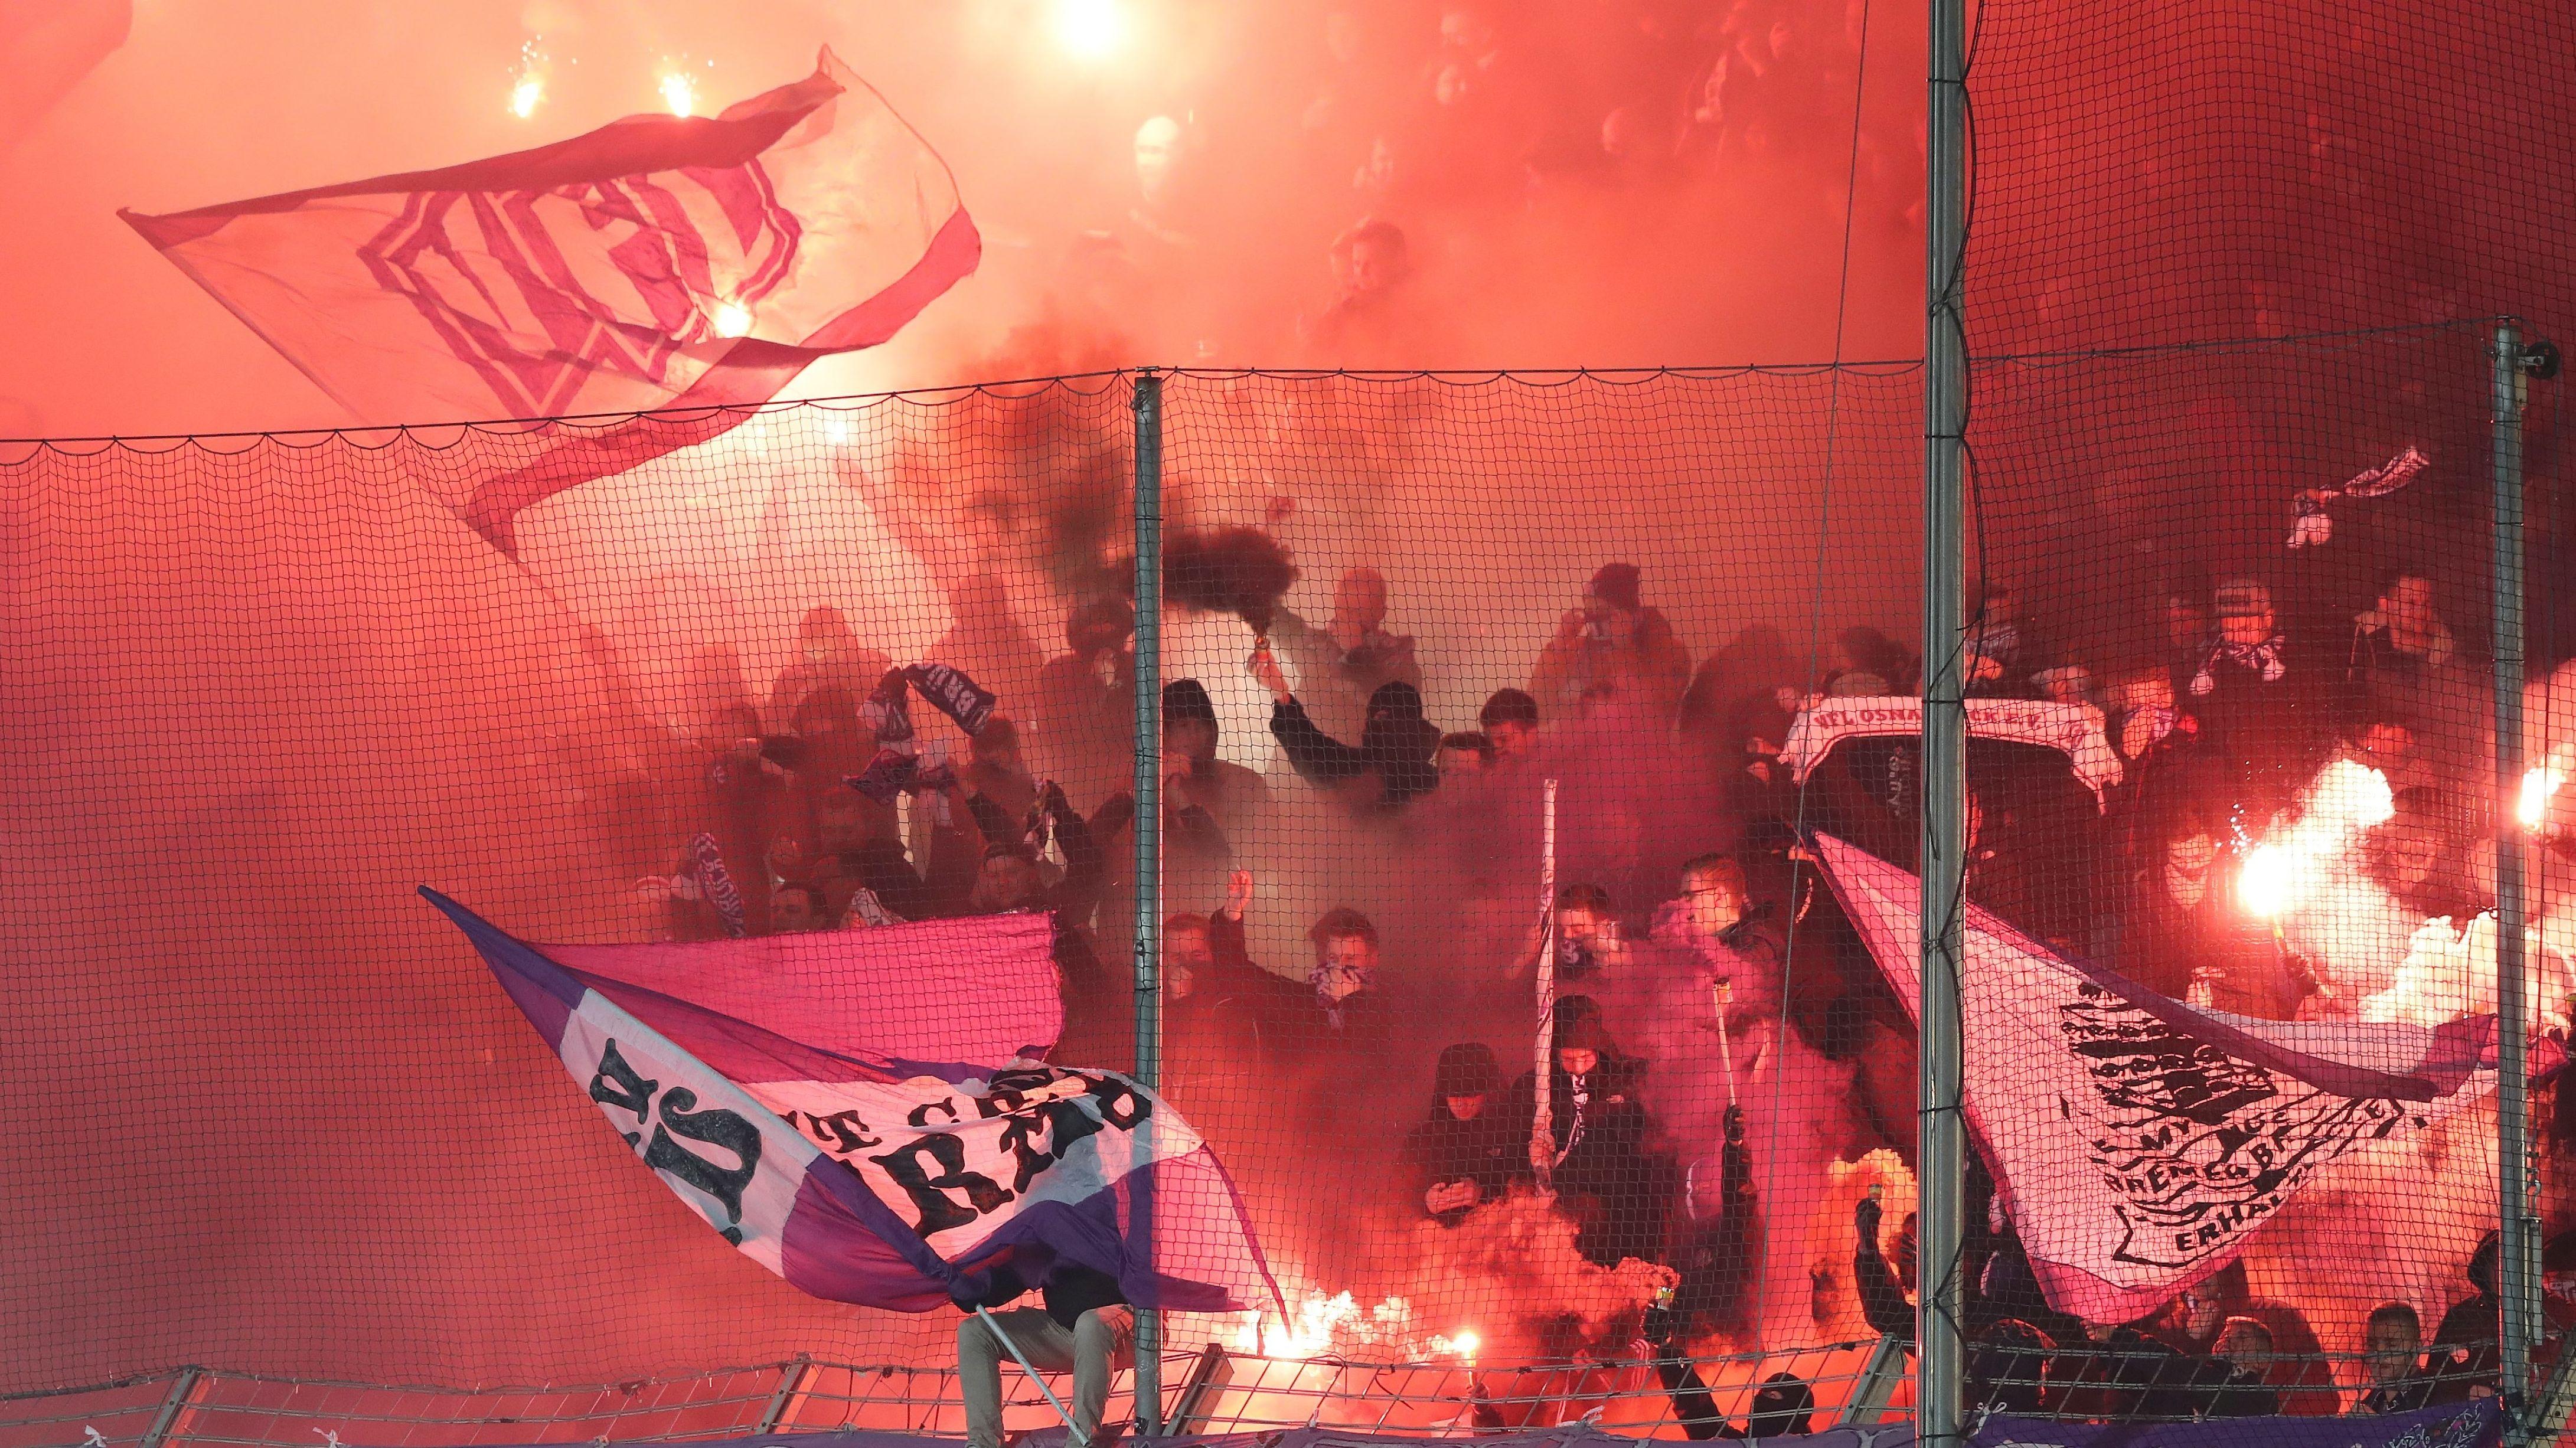 Droht Fußball-Rowdys bald der Führerscheinverlust, wenn sie Pyrotechnik im Stadion anzünden?